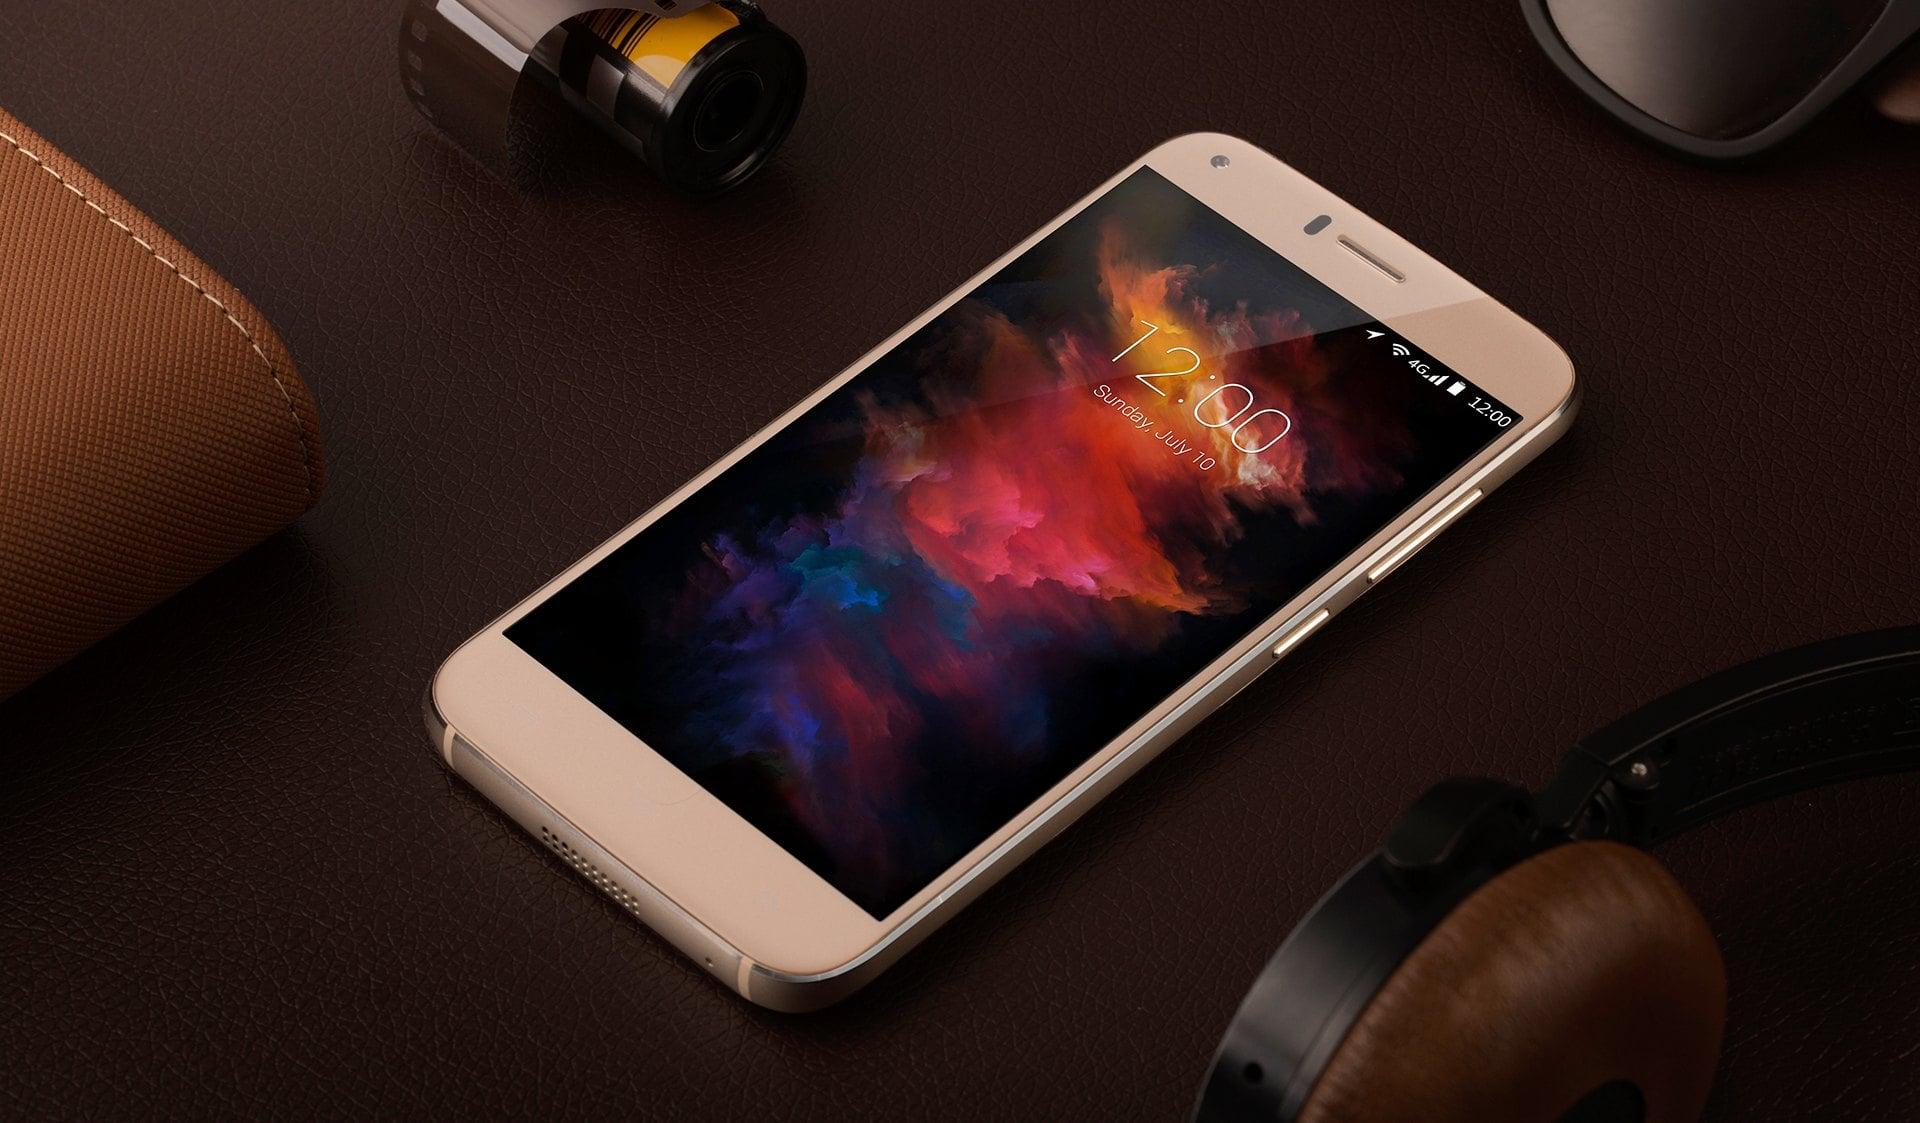 Umi Diamond - smartfon ze wzmocnionym ekranem już dostępny w Polsce za 649 zł 20